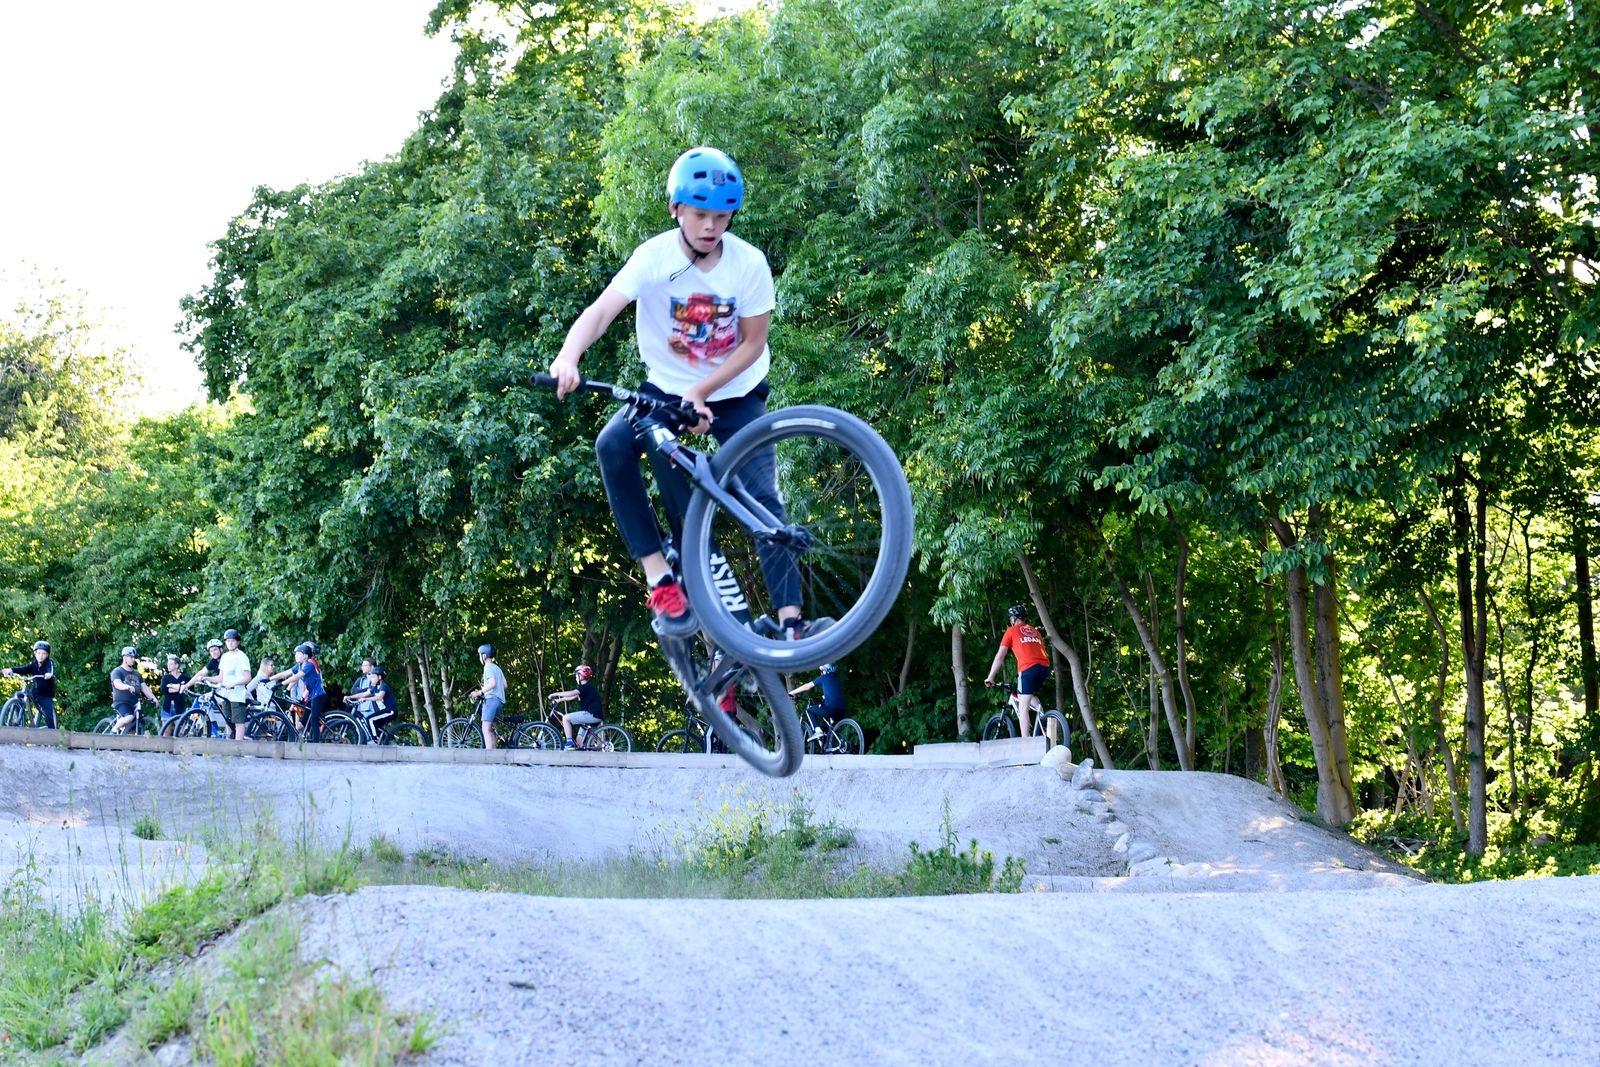 Sixten von Grothusen är en av MTB-skolans mest erfarna deltagare, som har imponerande kontroll över cykeln på pumptracken.